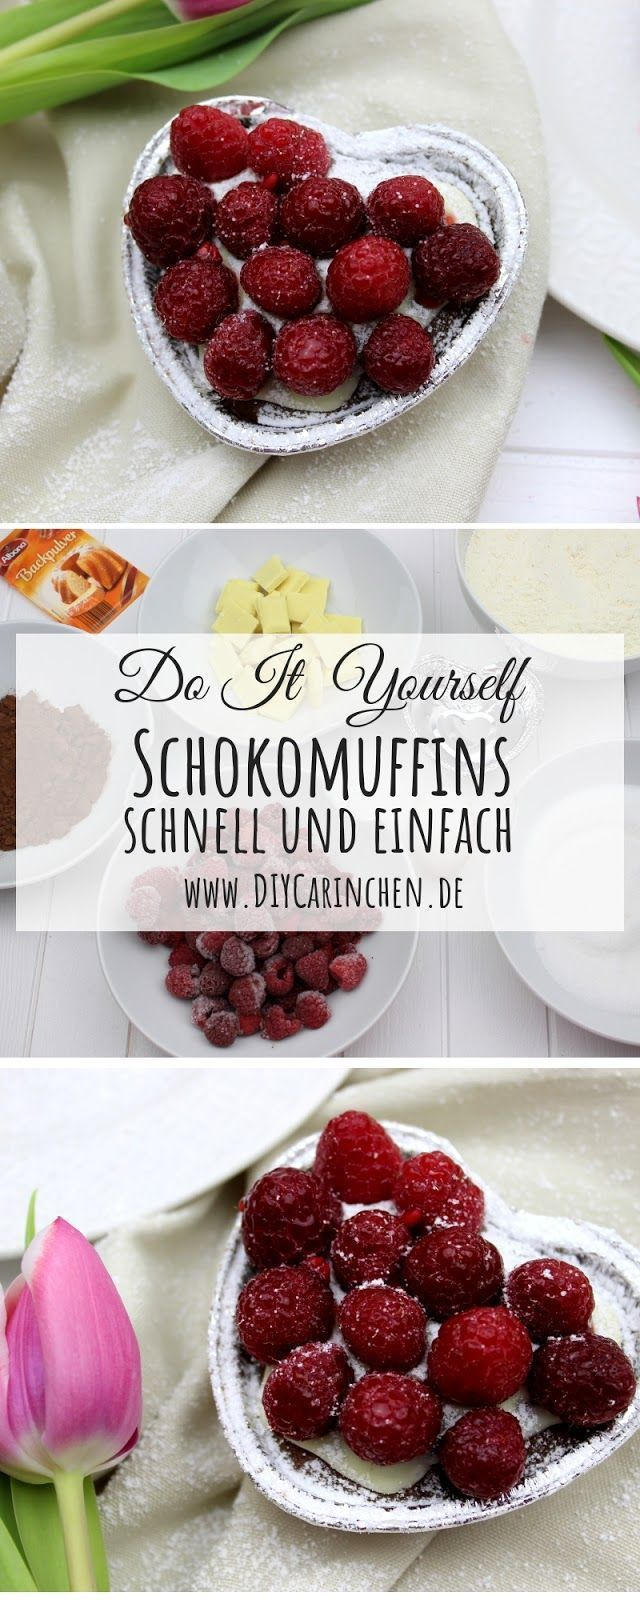 Rezept: Schokomuffin mit einem Topping aus Himbeeren und weißer Schokolade - perfekt für den Muttertag oder Valentinstag -